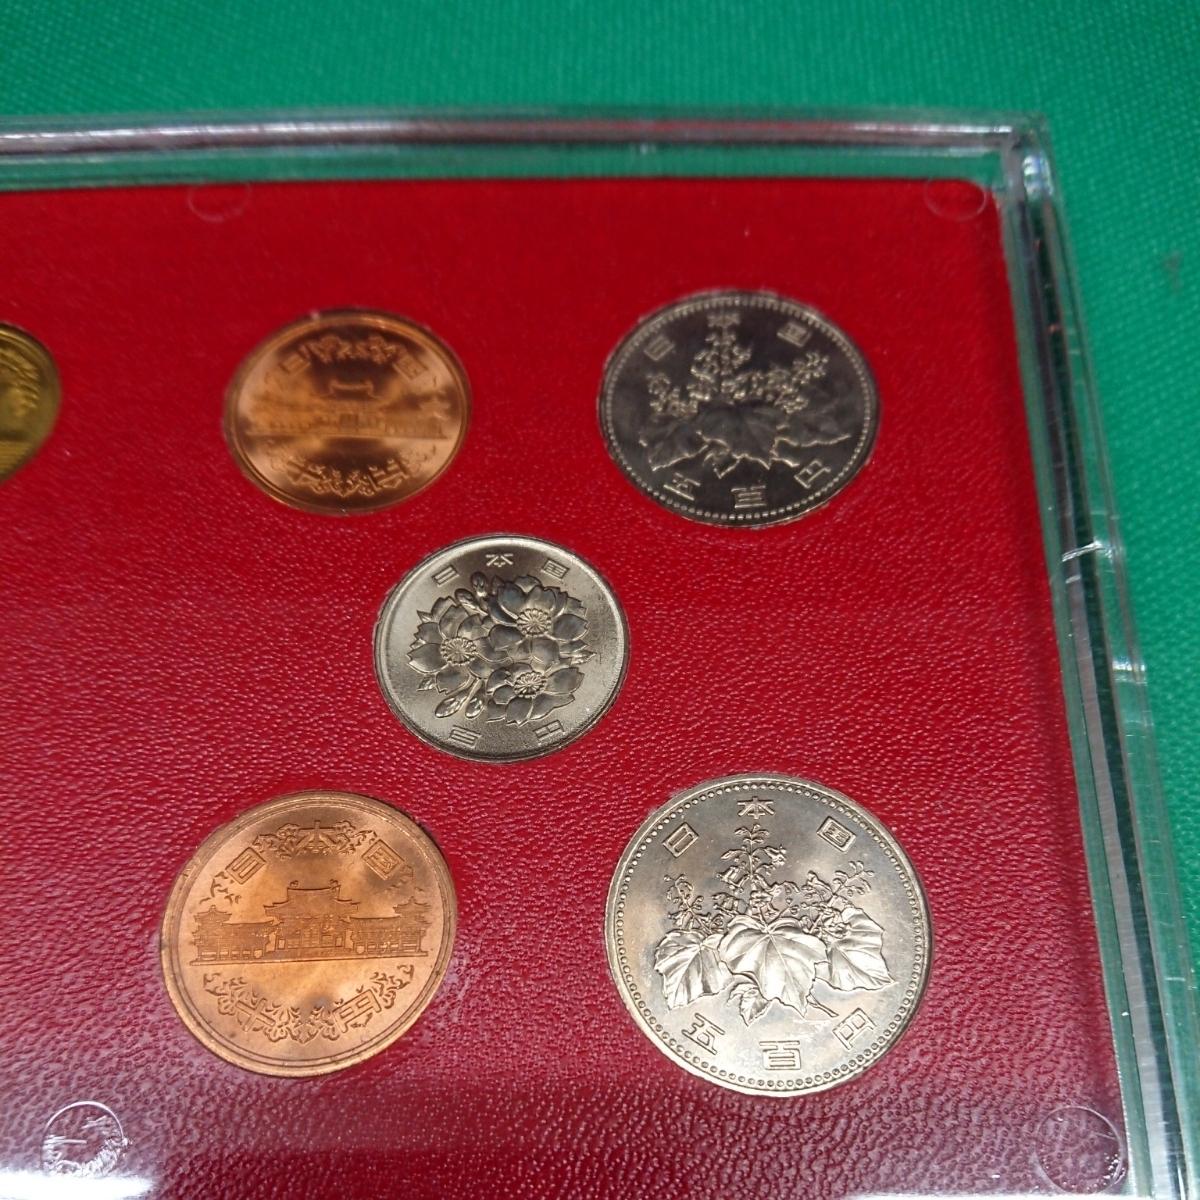 昭和64年最後の貨幣 平成元年最初の貨幣 プルーフセット_画像5